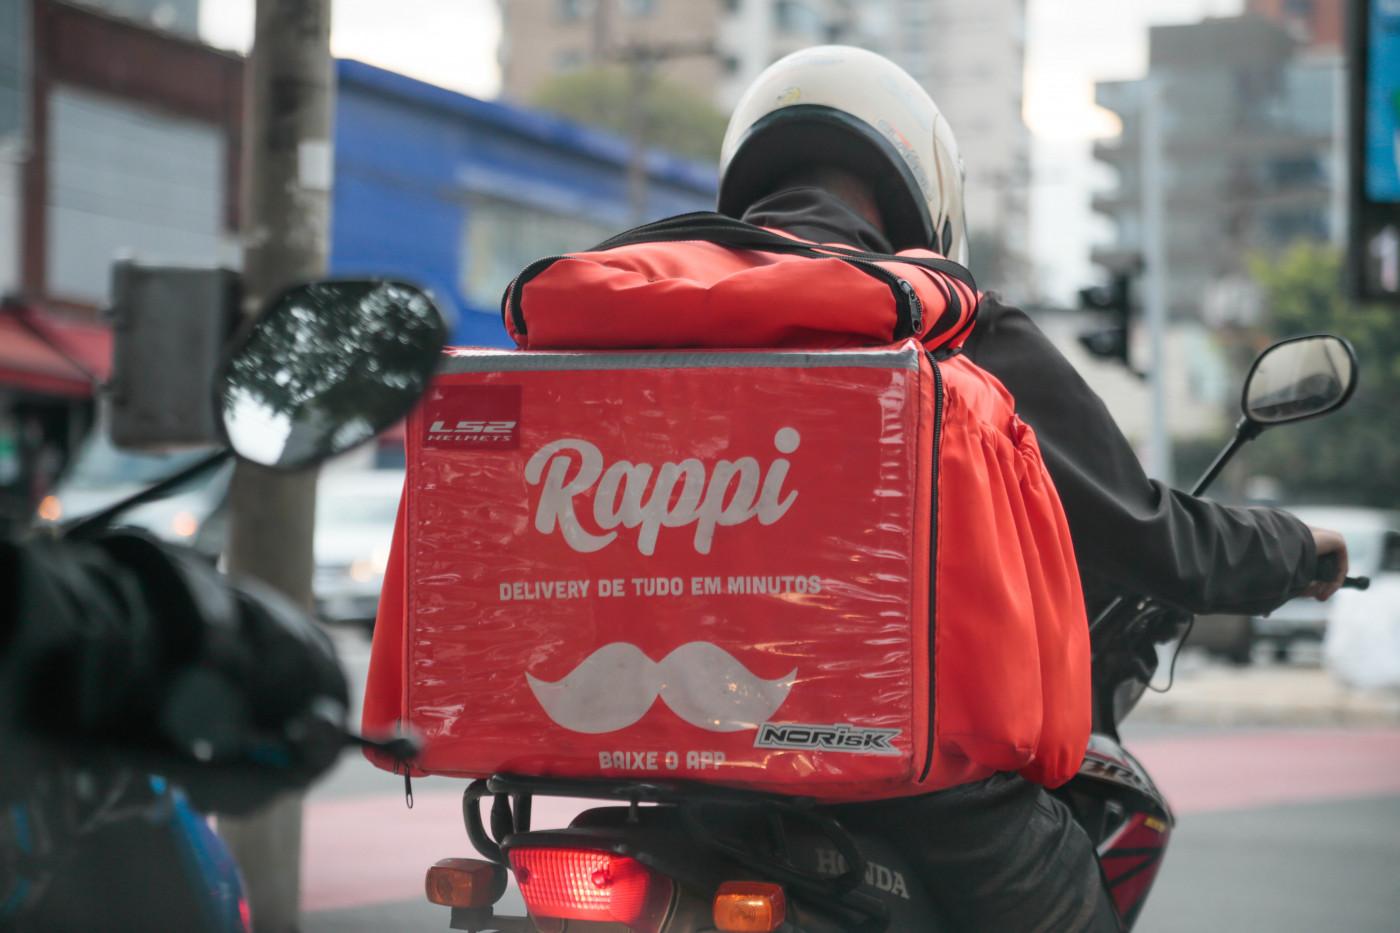 motoqueiro com bolsa da rappi